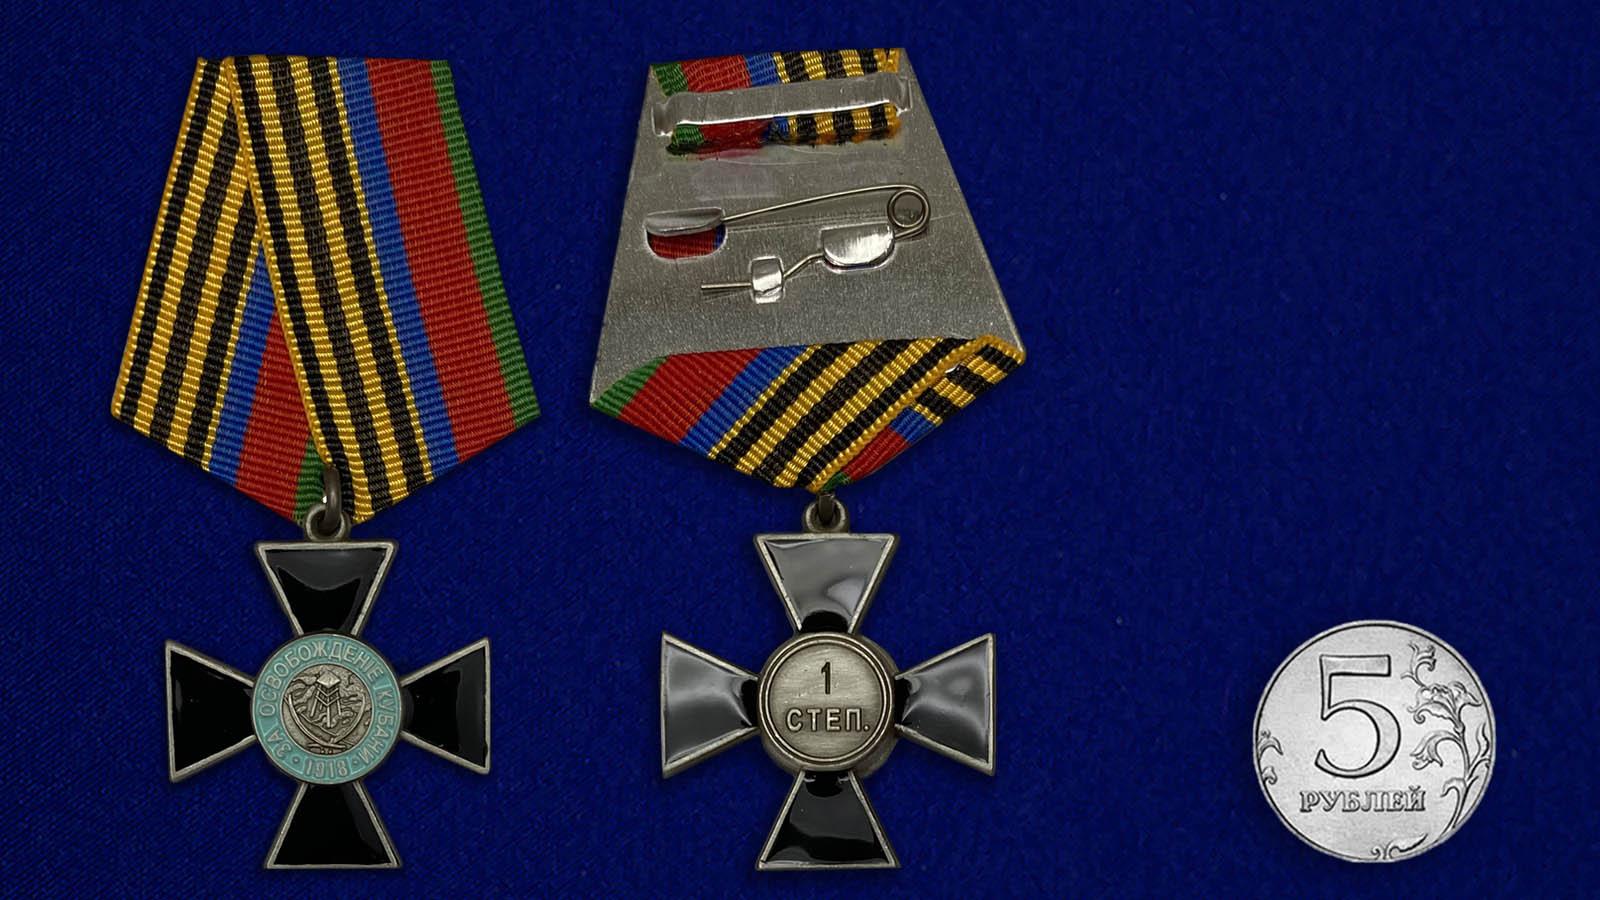 Крест За освобождение Кубани 1 степени - сравнительный размер